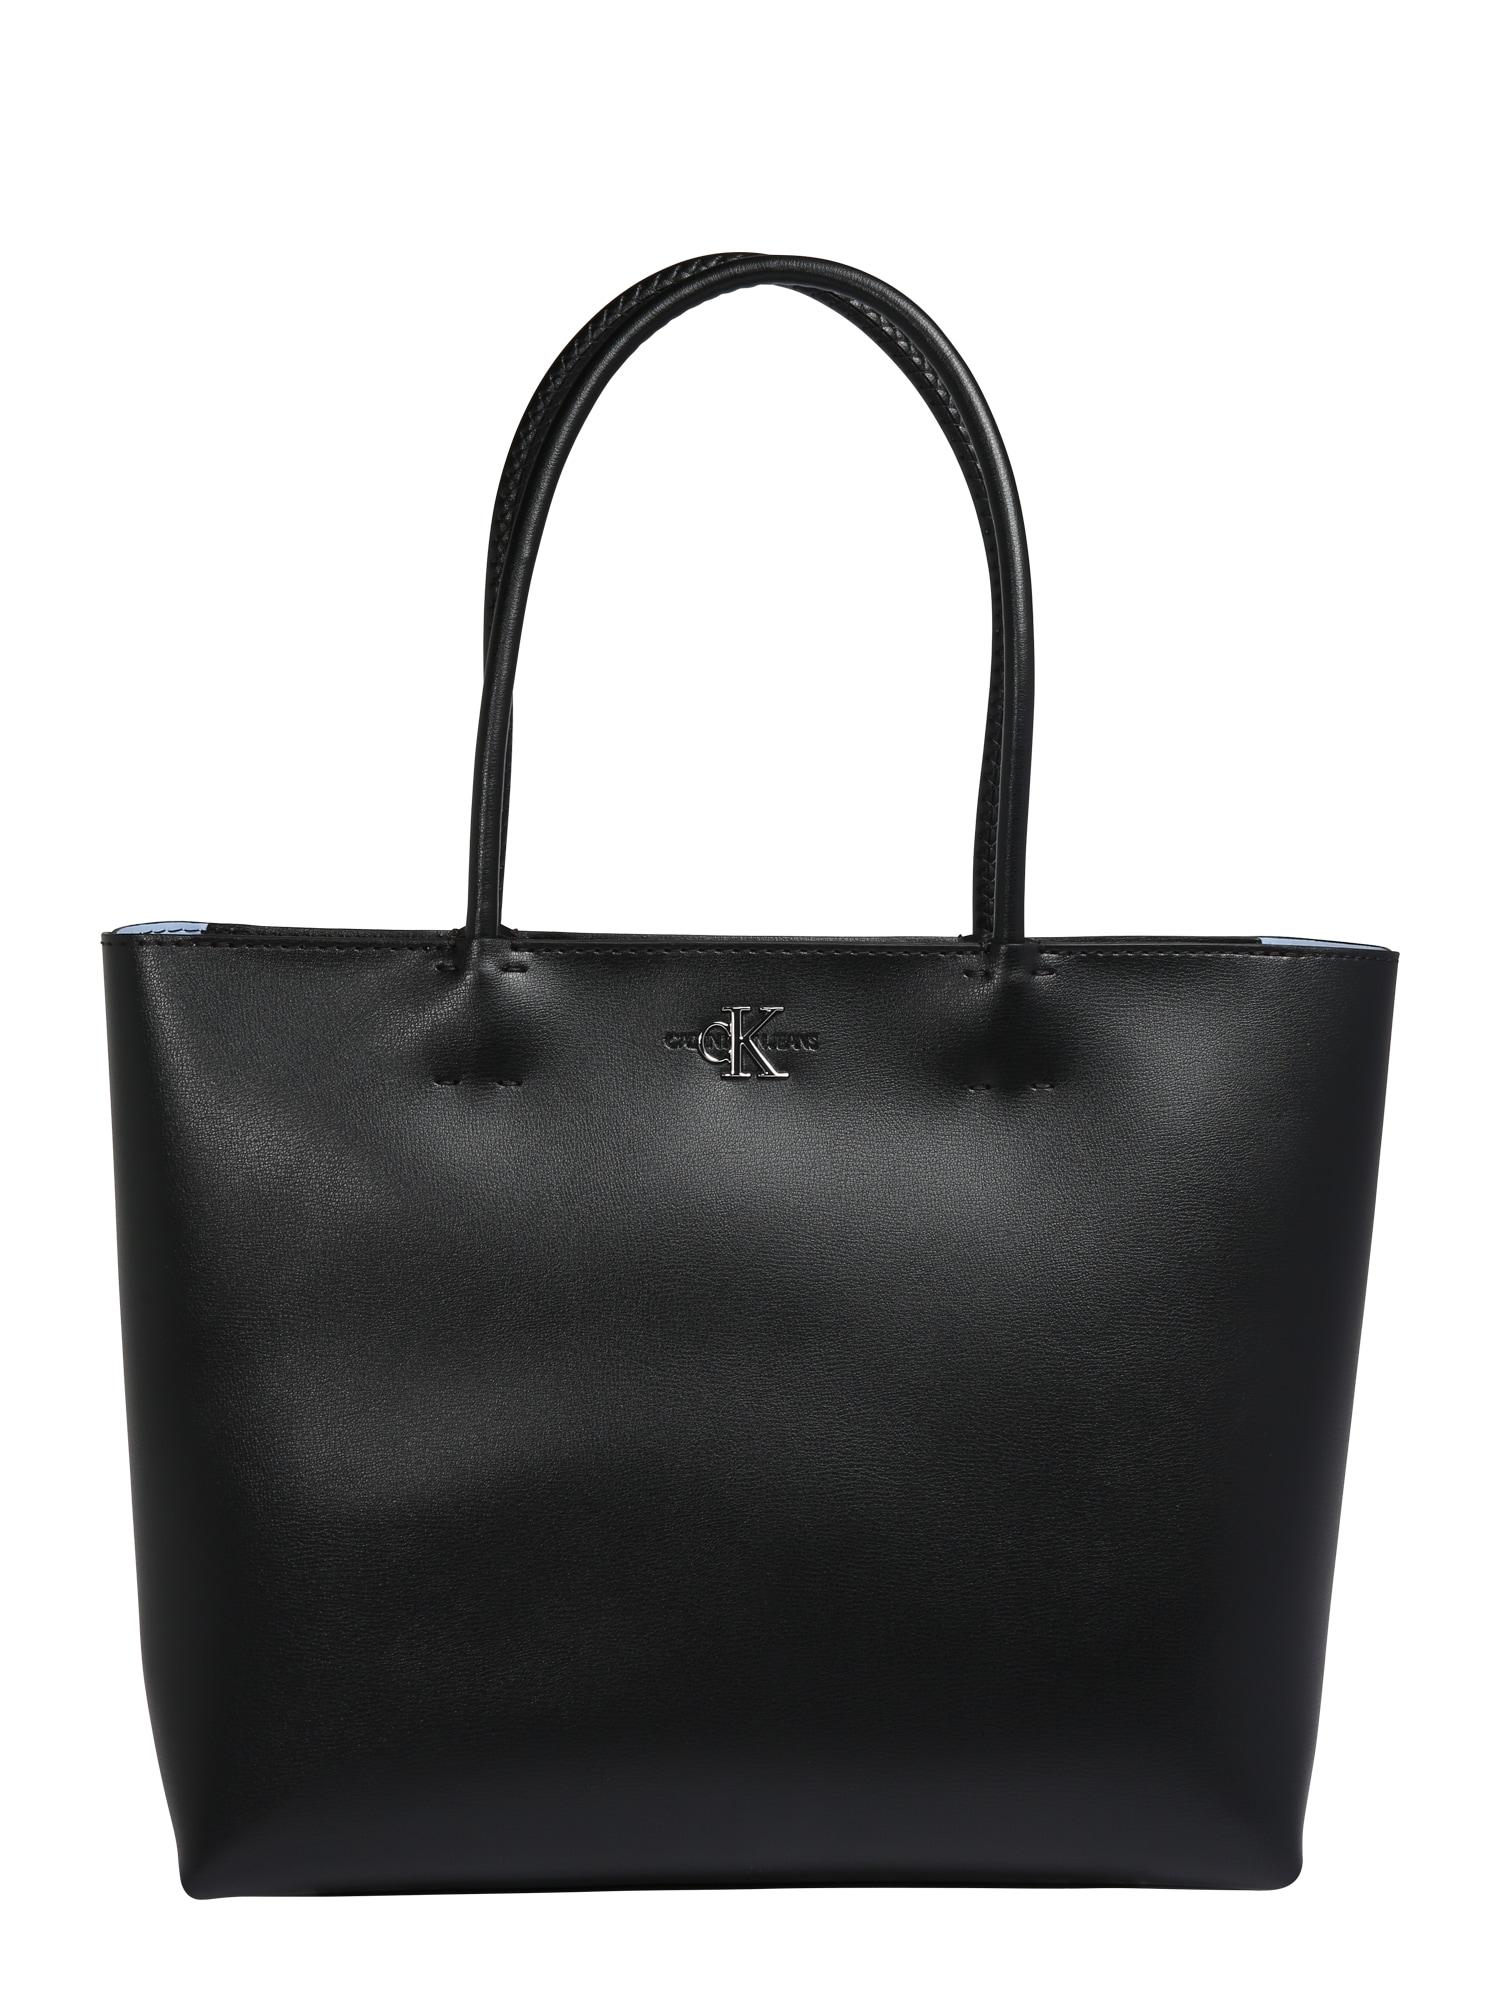 Calvin Klein Jeans Pirkinių krepšys ' MONO HARDWARE' juoda